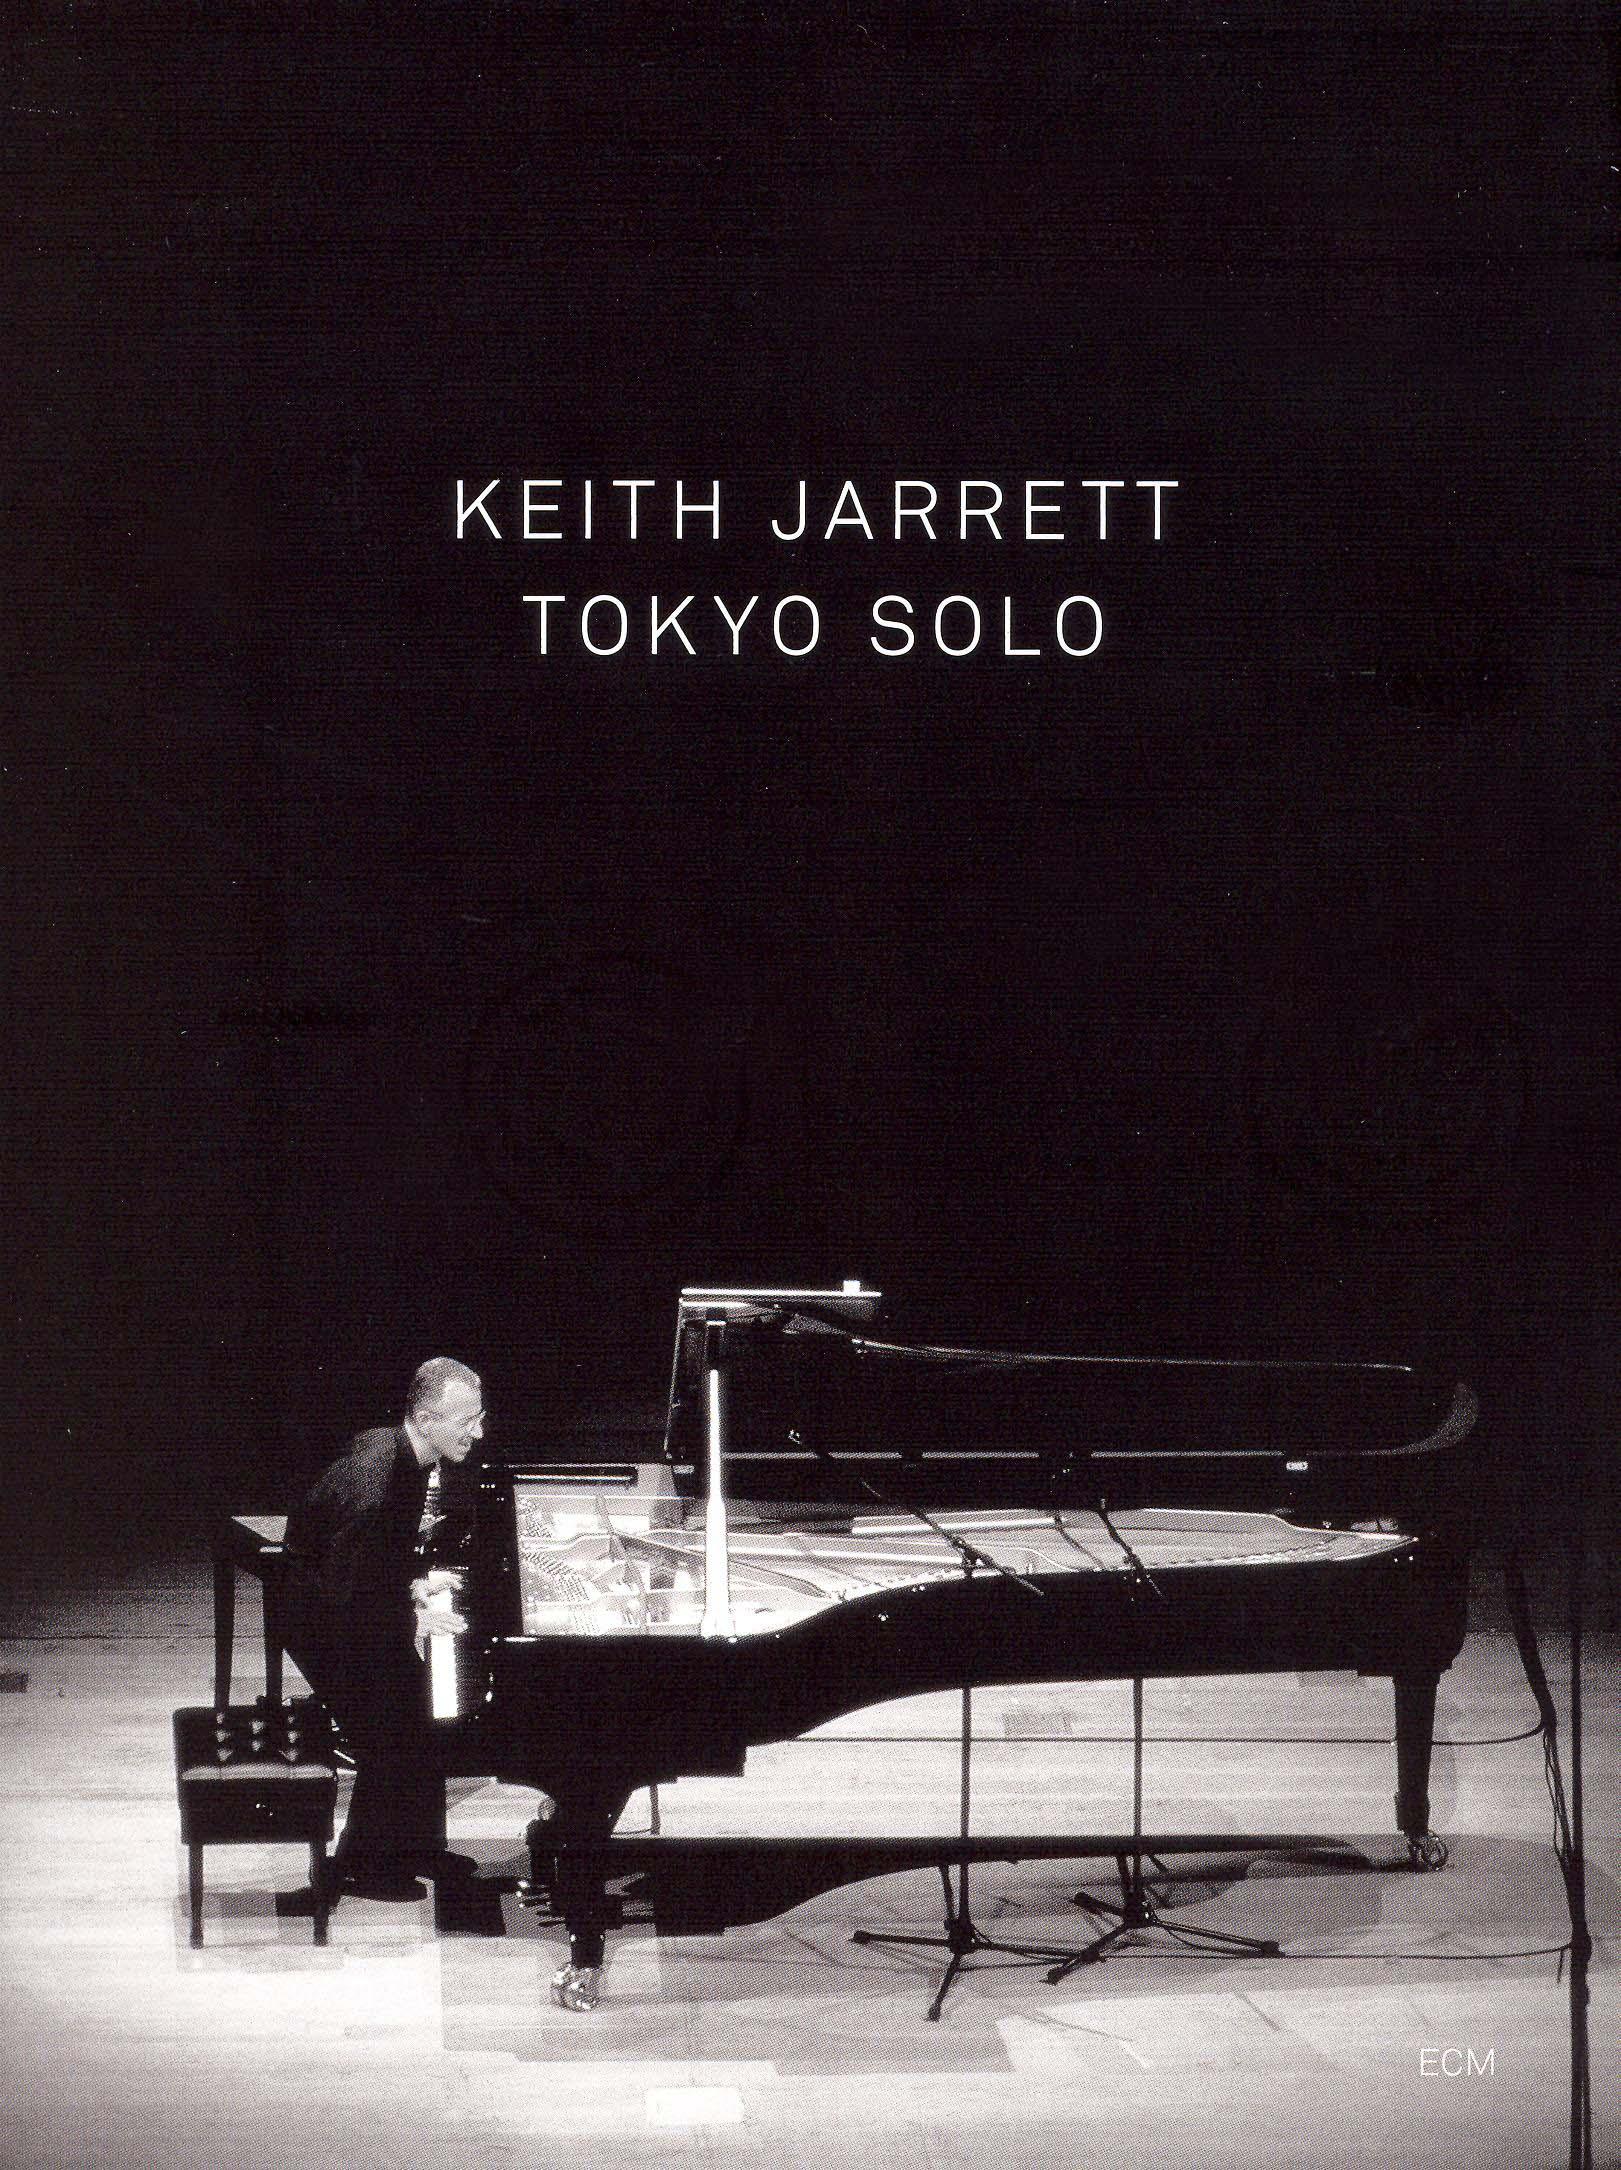 Keith Jarrett: Tokyo Solo